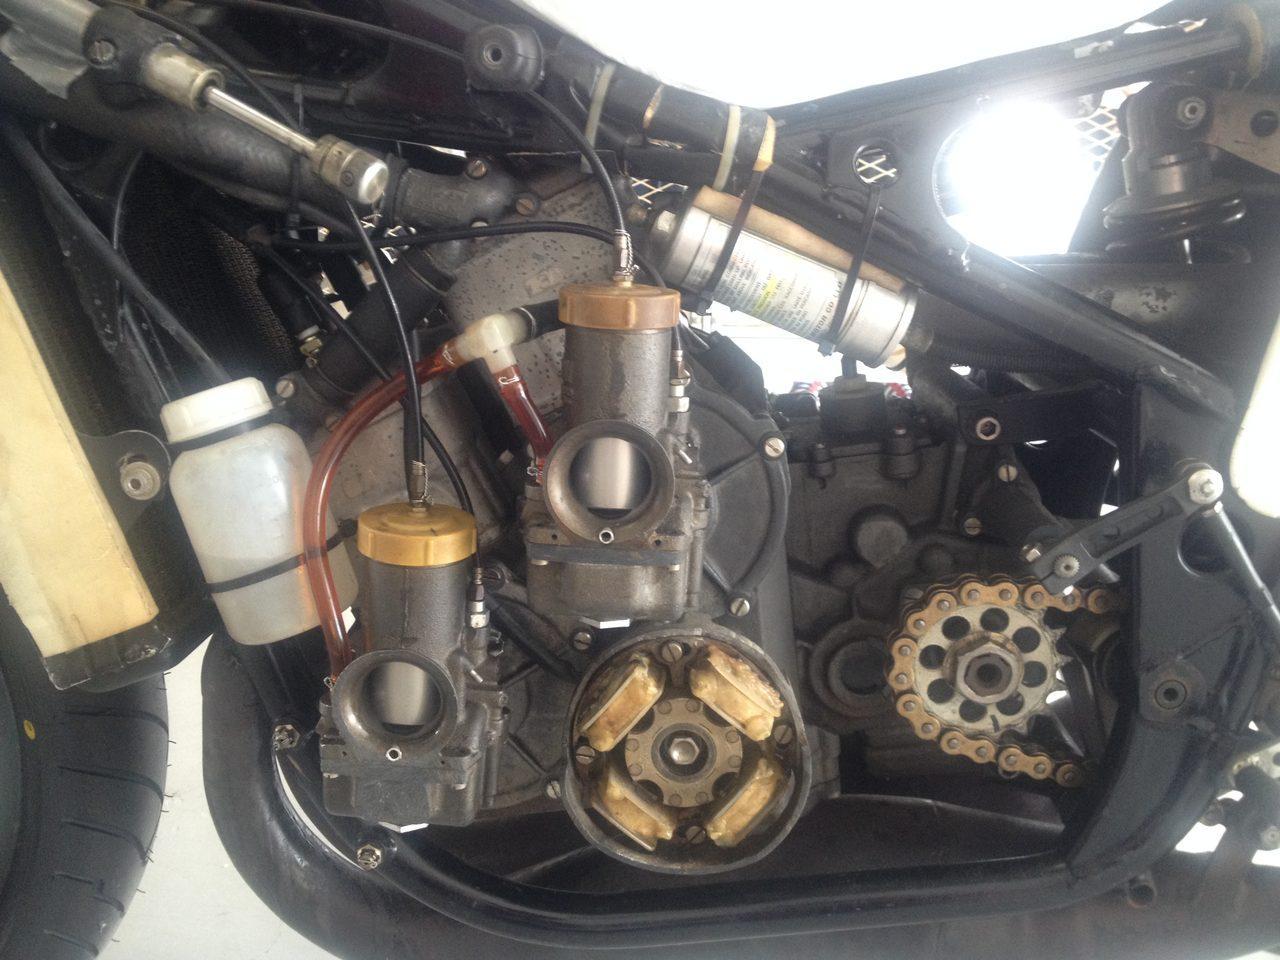 画像: 水谷勝選手が1982年に7連勝して全日本選手権500ccクラスを制覇したときの愛機、スズキRGB500の心臓部。この時代は段付きのスクエア4のレイアウトになっているのが特徴です。